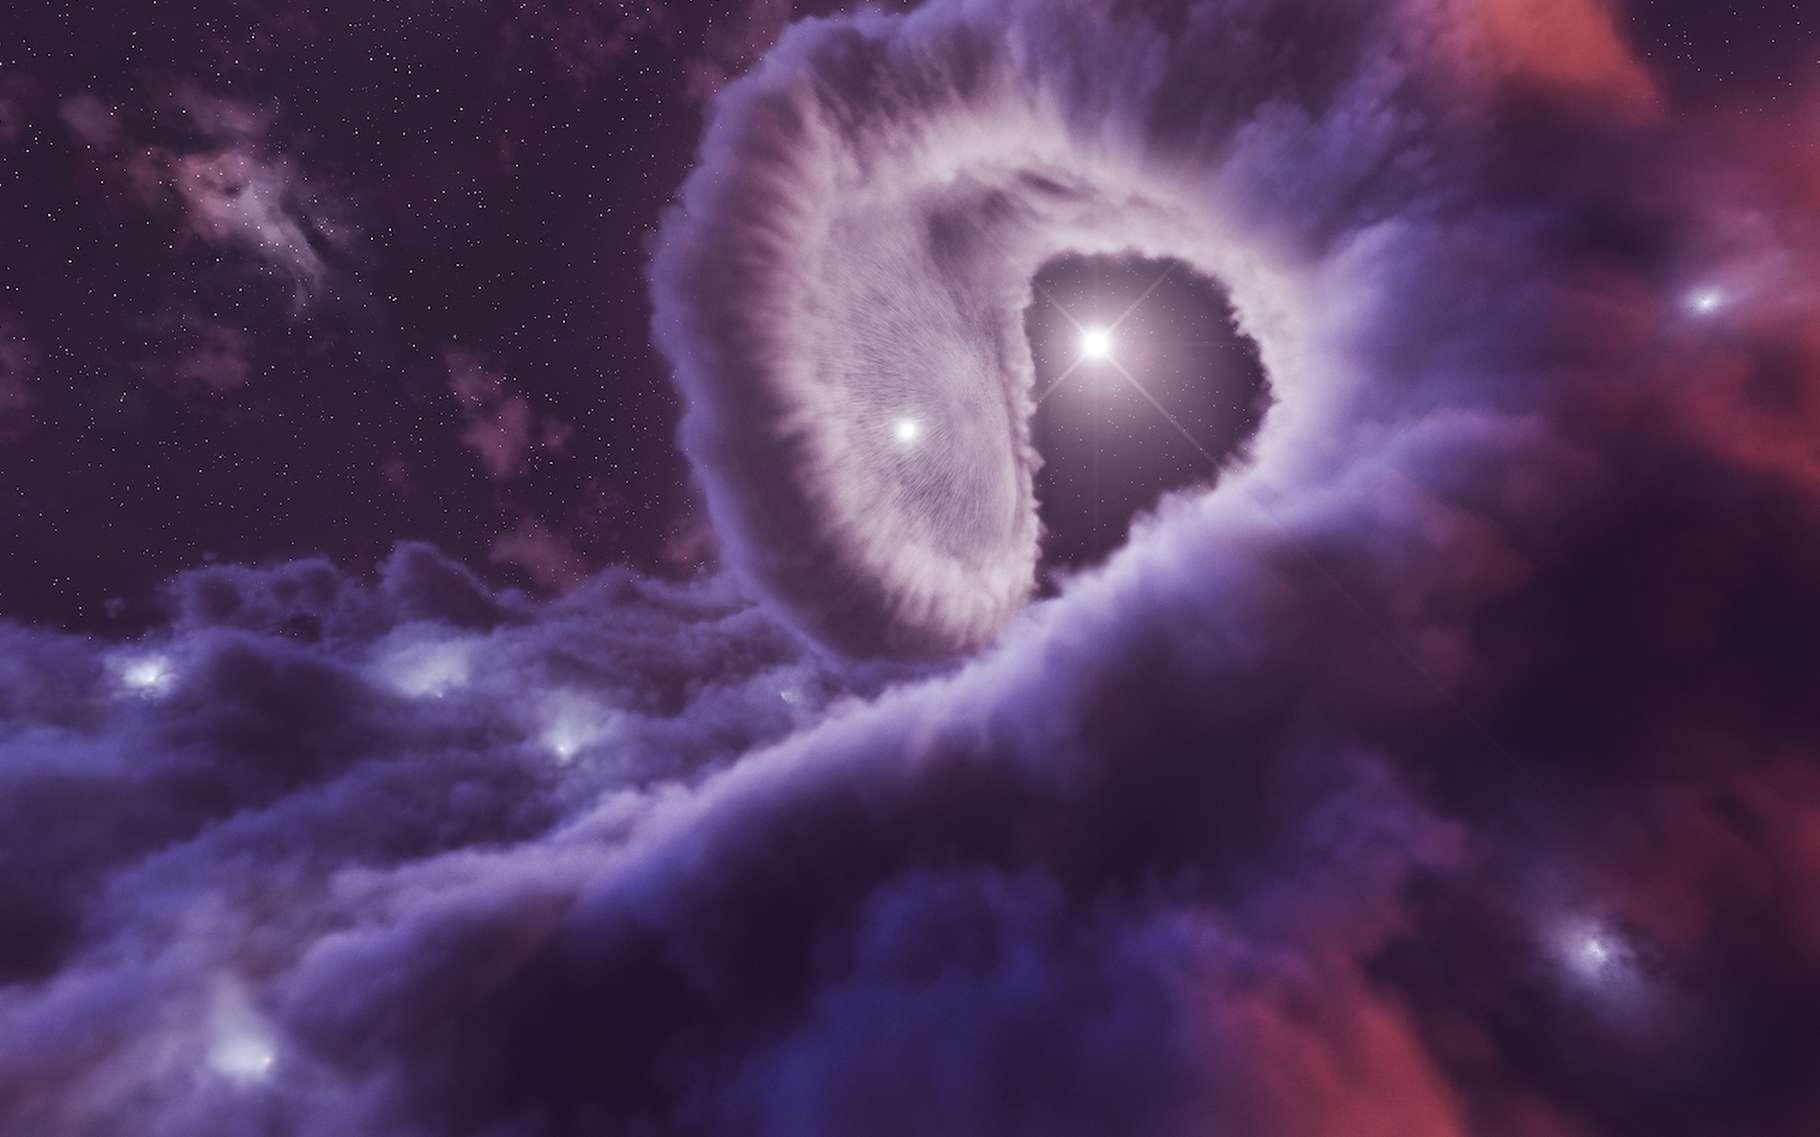 Dans la région où les vents stellaires des deux géantes bleues qui composent le système Eta Carinae se rencontrent, les particules subatomiques sont accélérées jusqu'à produire un rayonnement gamma de très haute énergie. © Laboratoire de communication scientifique du Desy